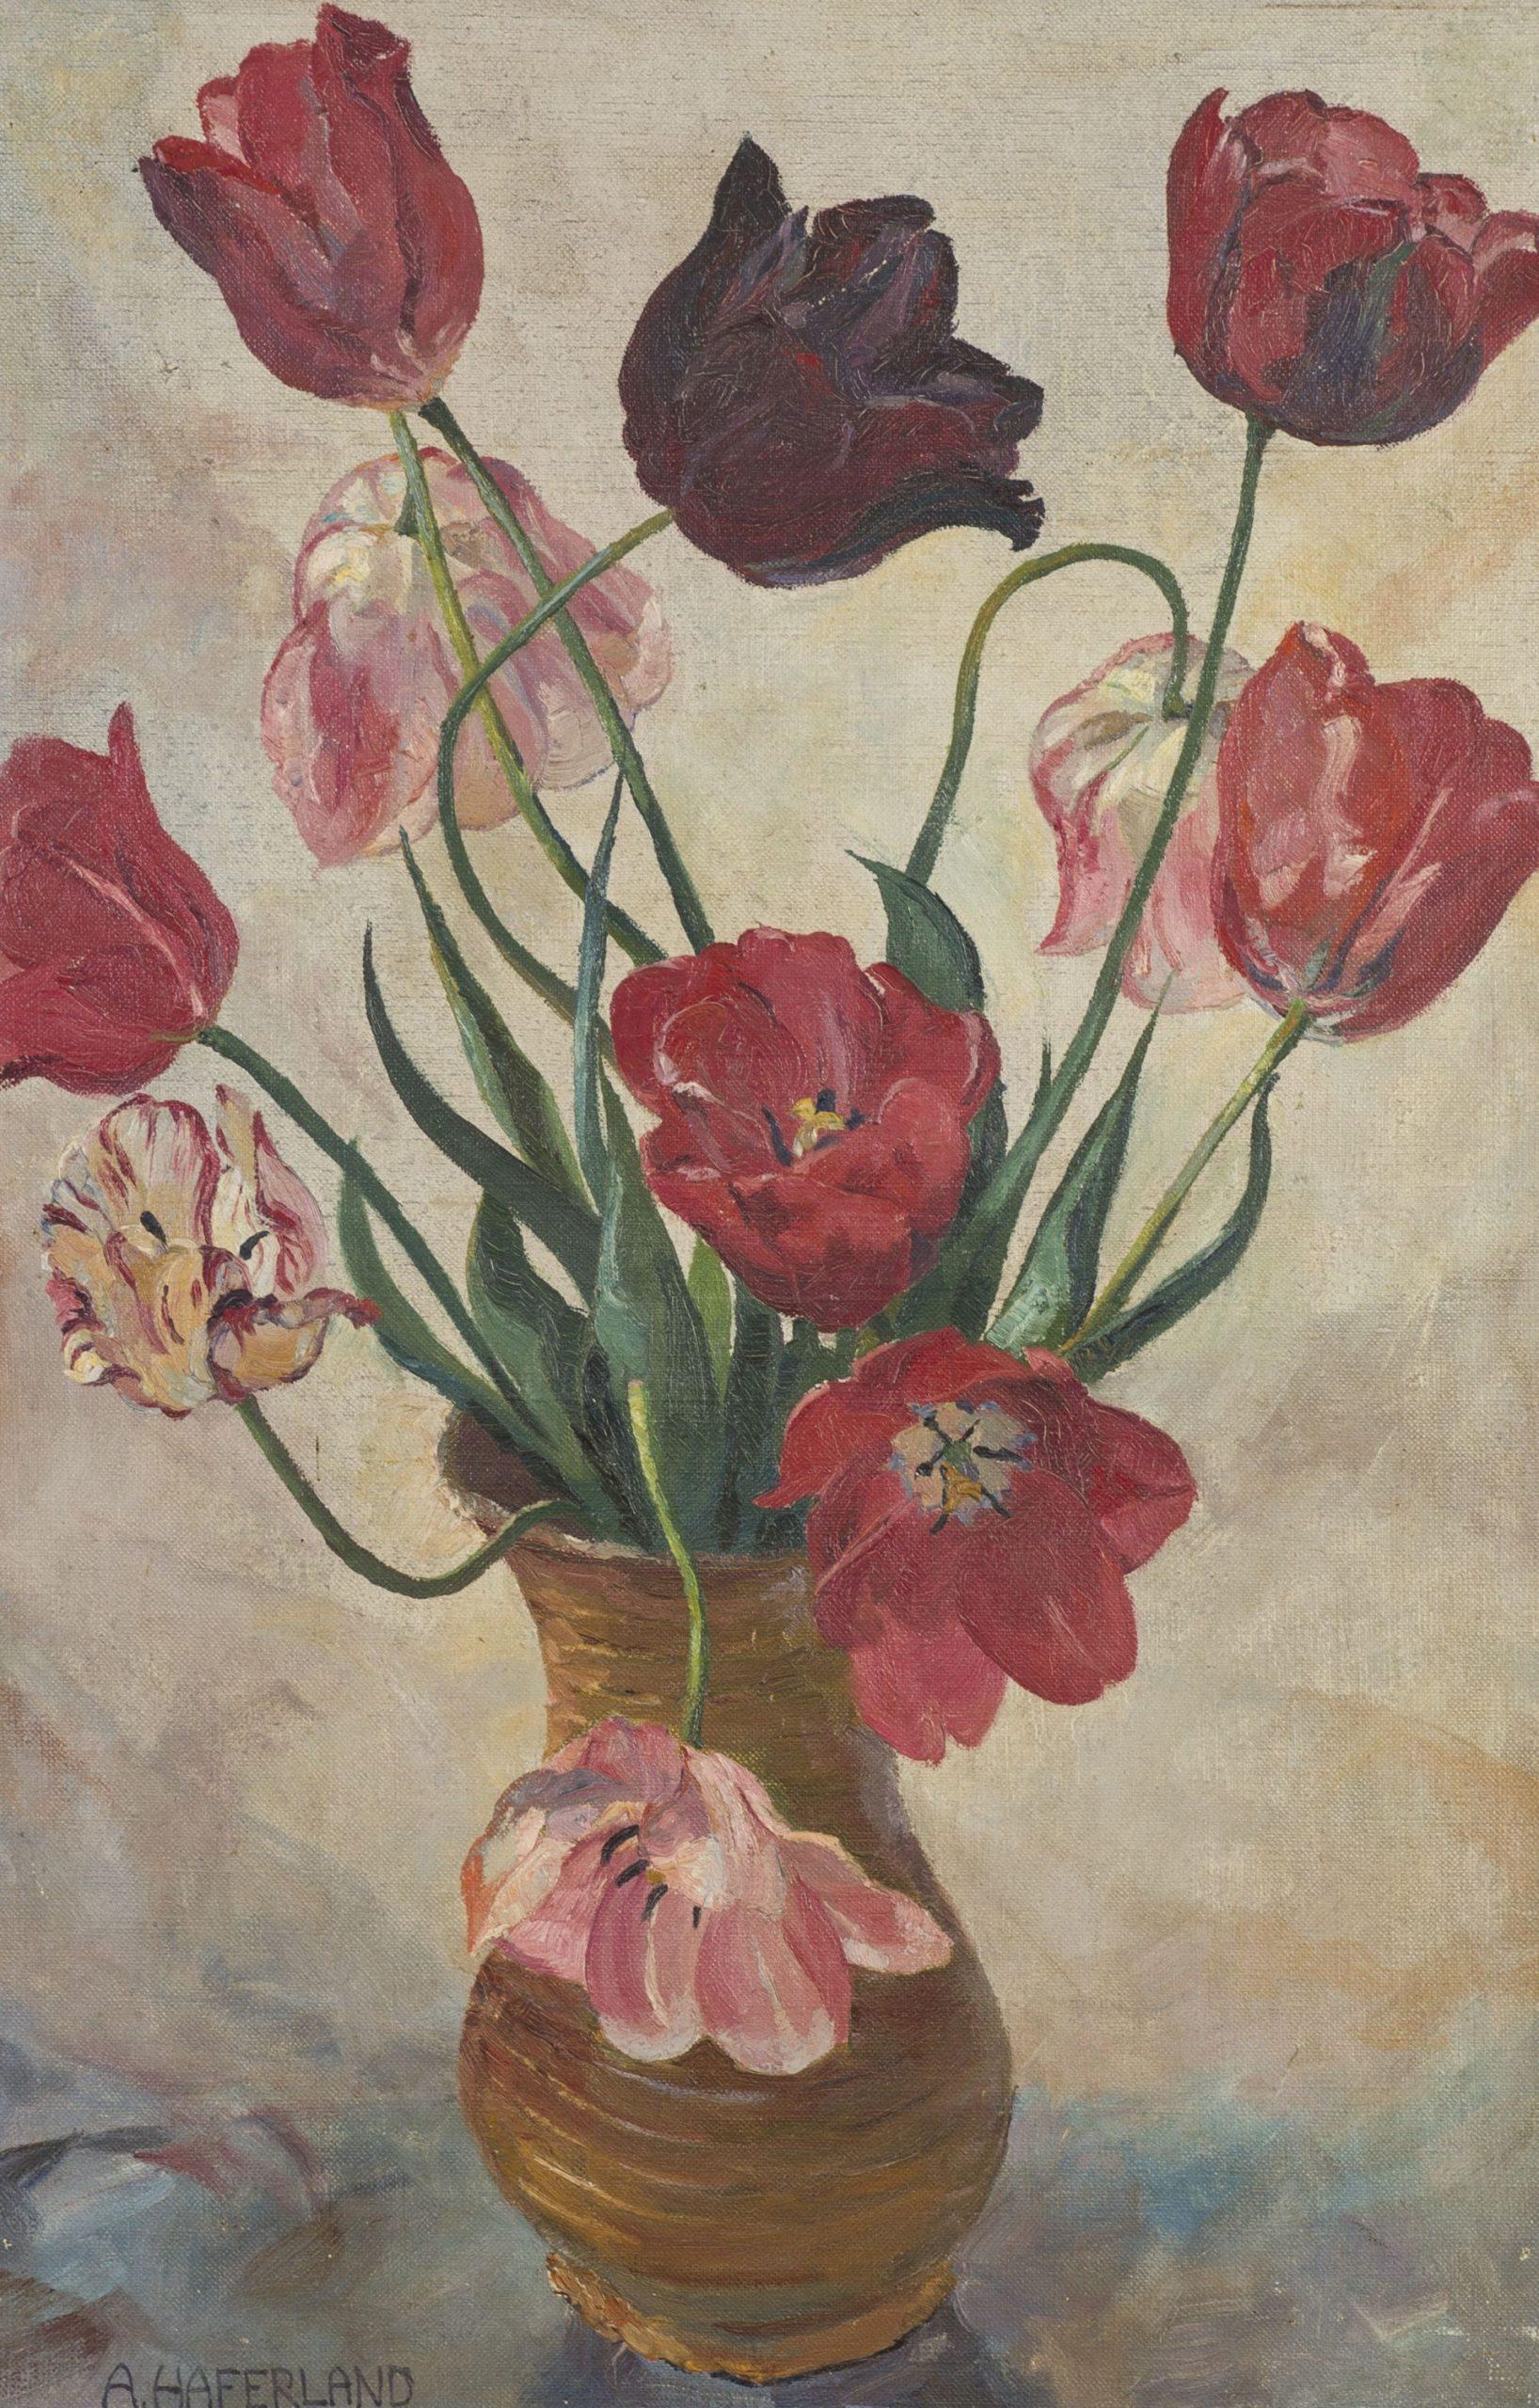 Adolf Haferland-Bouquet of tulips